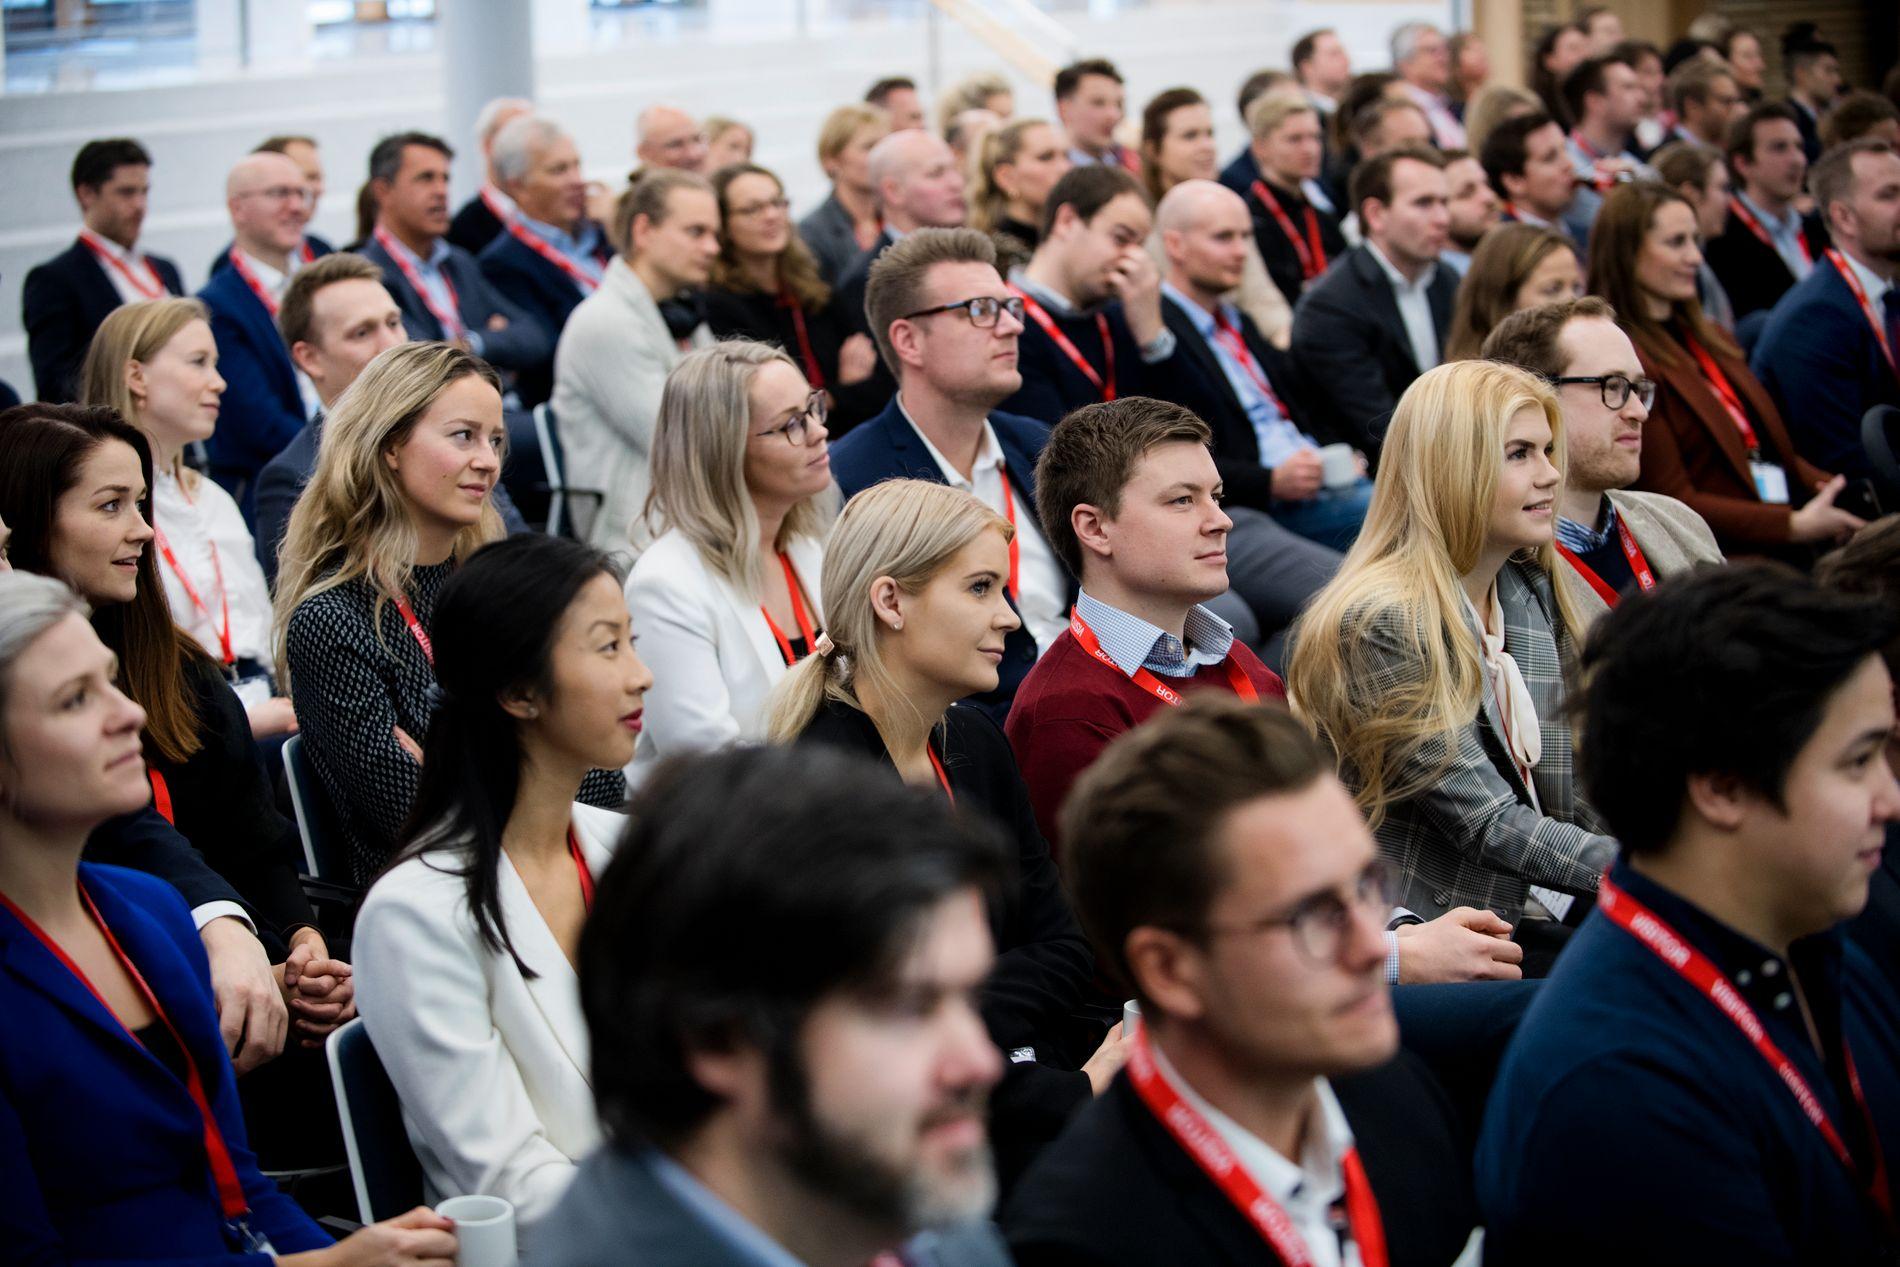 LEDERTALENTER: Hvilke råd bør framtidas ledere lytte til? Her fra E24-kåringen av Ledertalentene 2018 i desember.